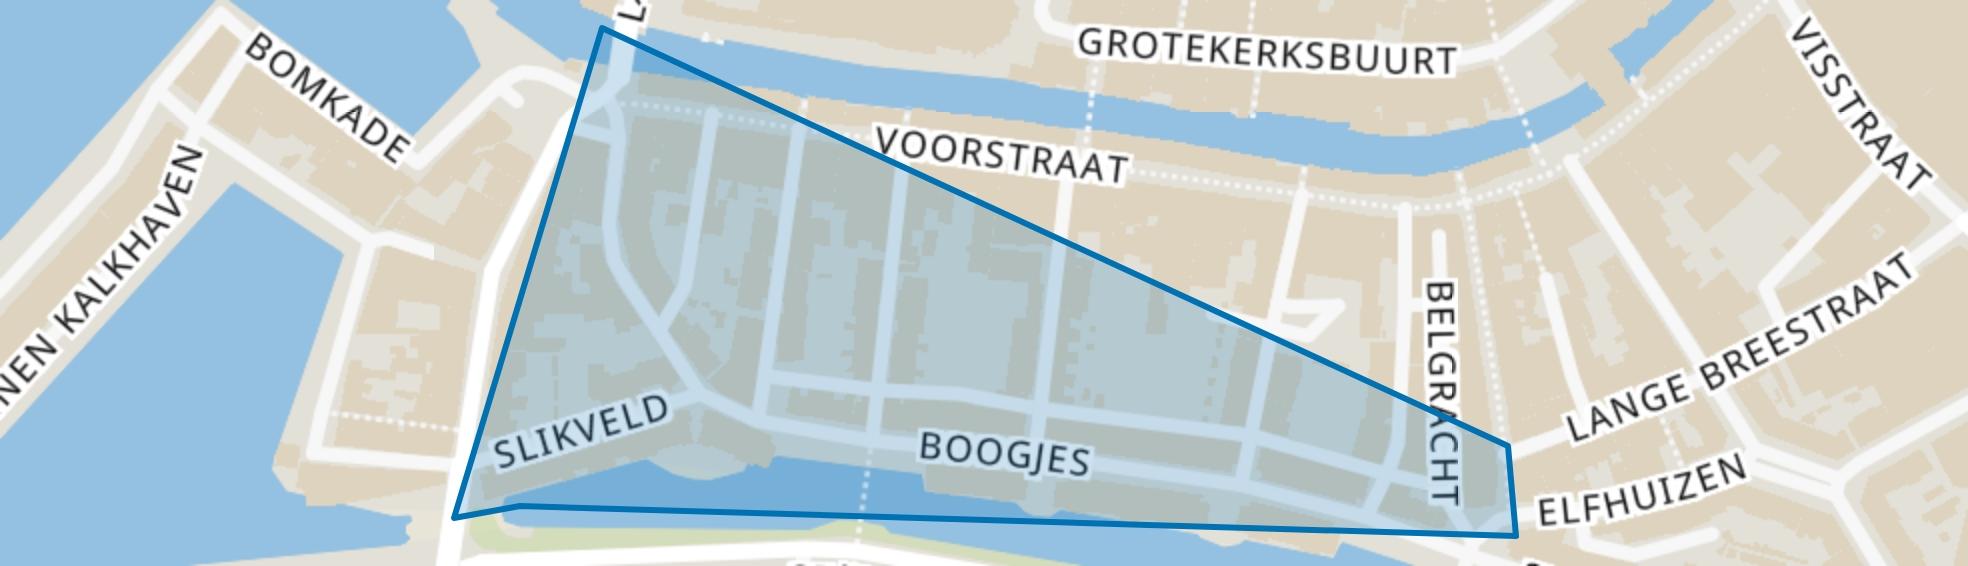 Boogjes en omgeving, Dordrecht map